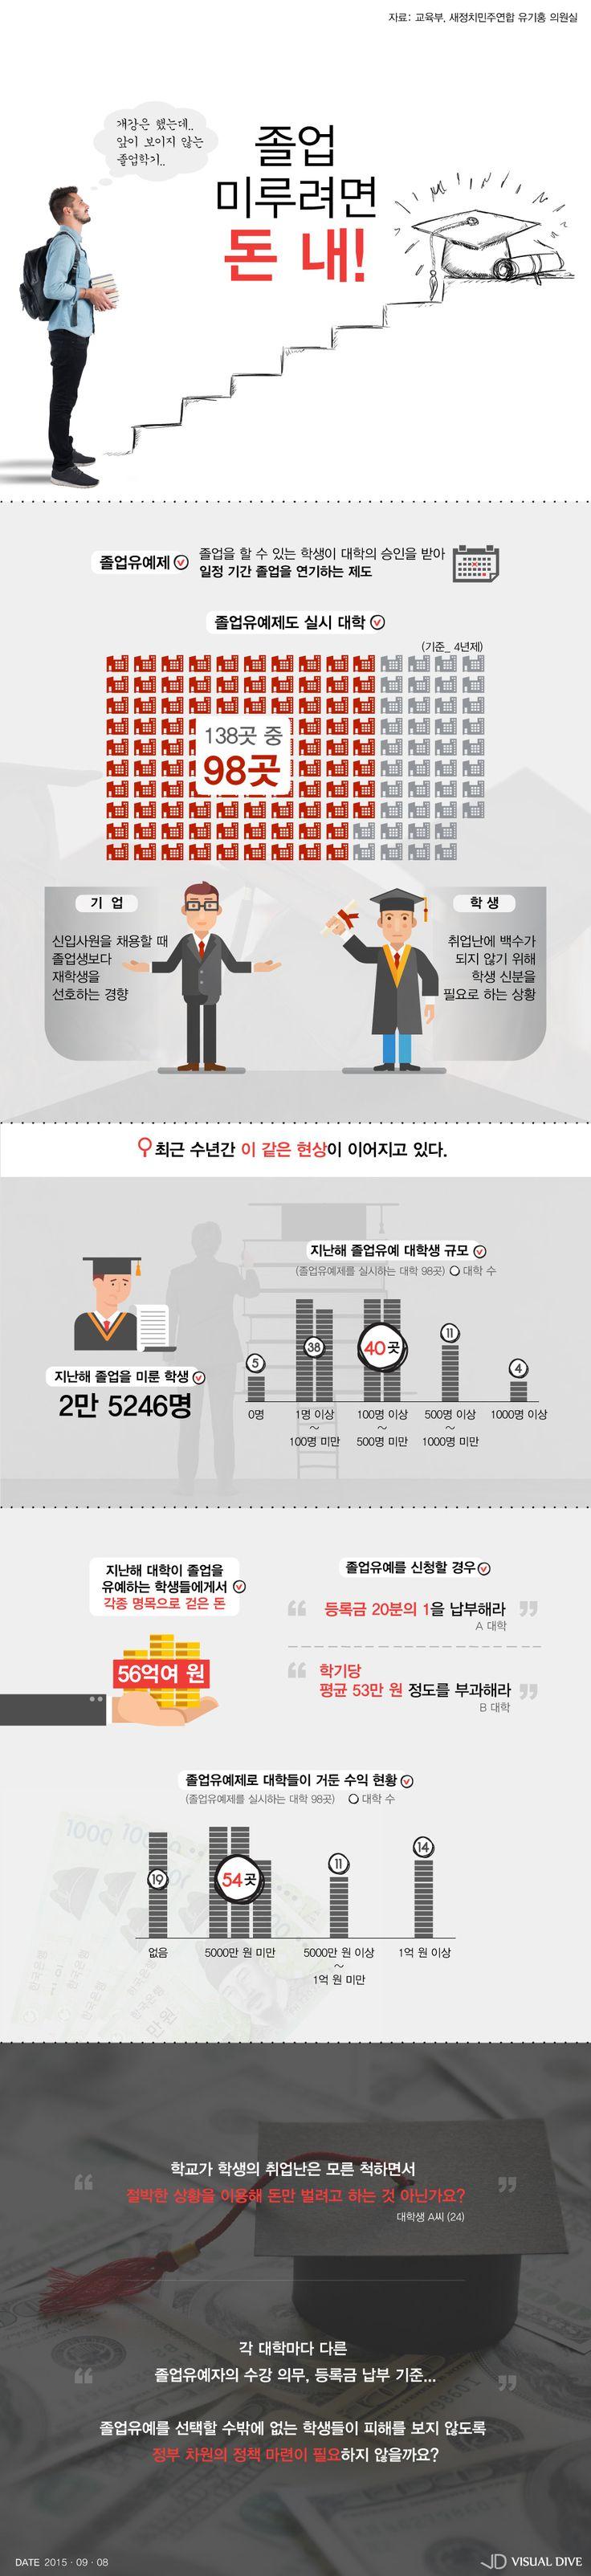 취업난 속 늘어나는 졸업유예자…대학 돈벌이 수단? [인포그래픽] #Graduation / #Infographic ⓒ 비주얼다이브 무단 복사·전재·재배포 금지